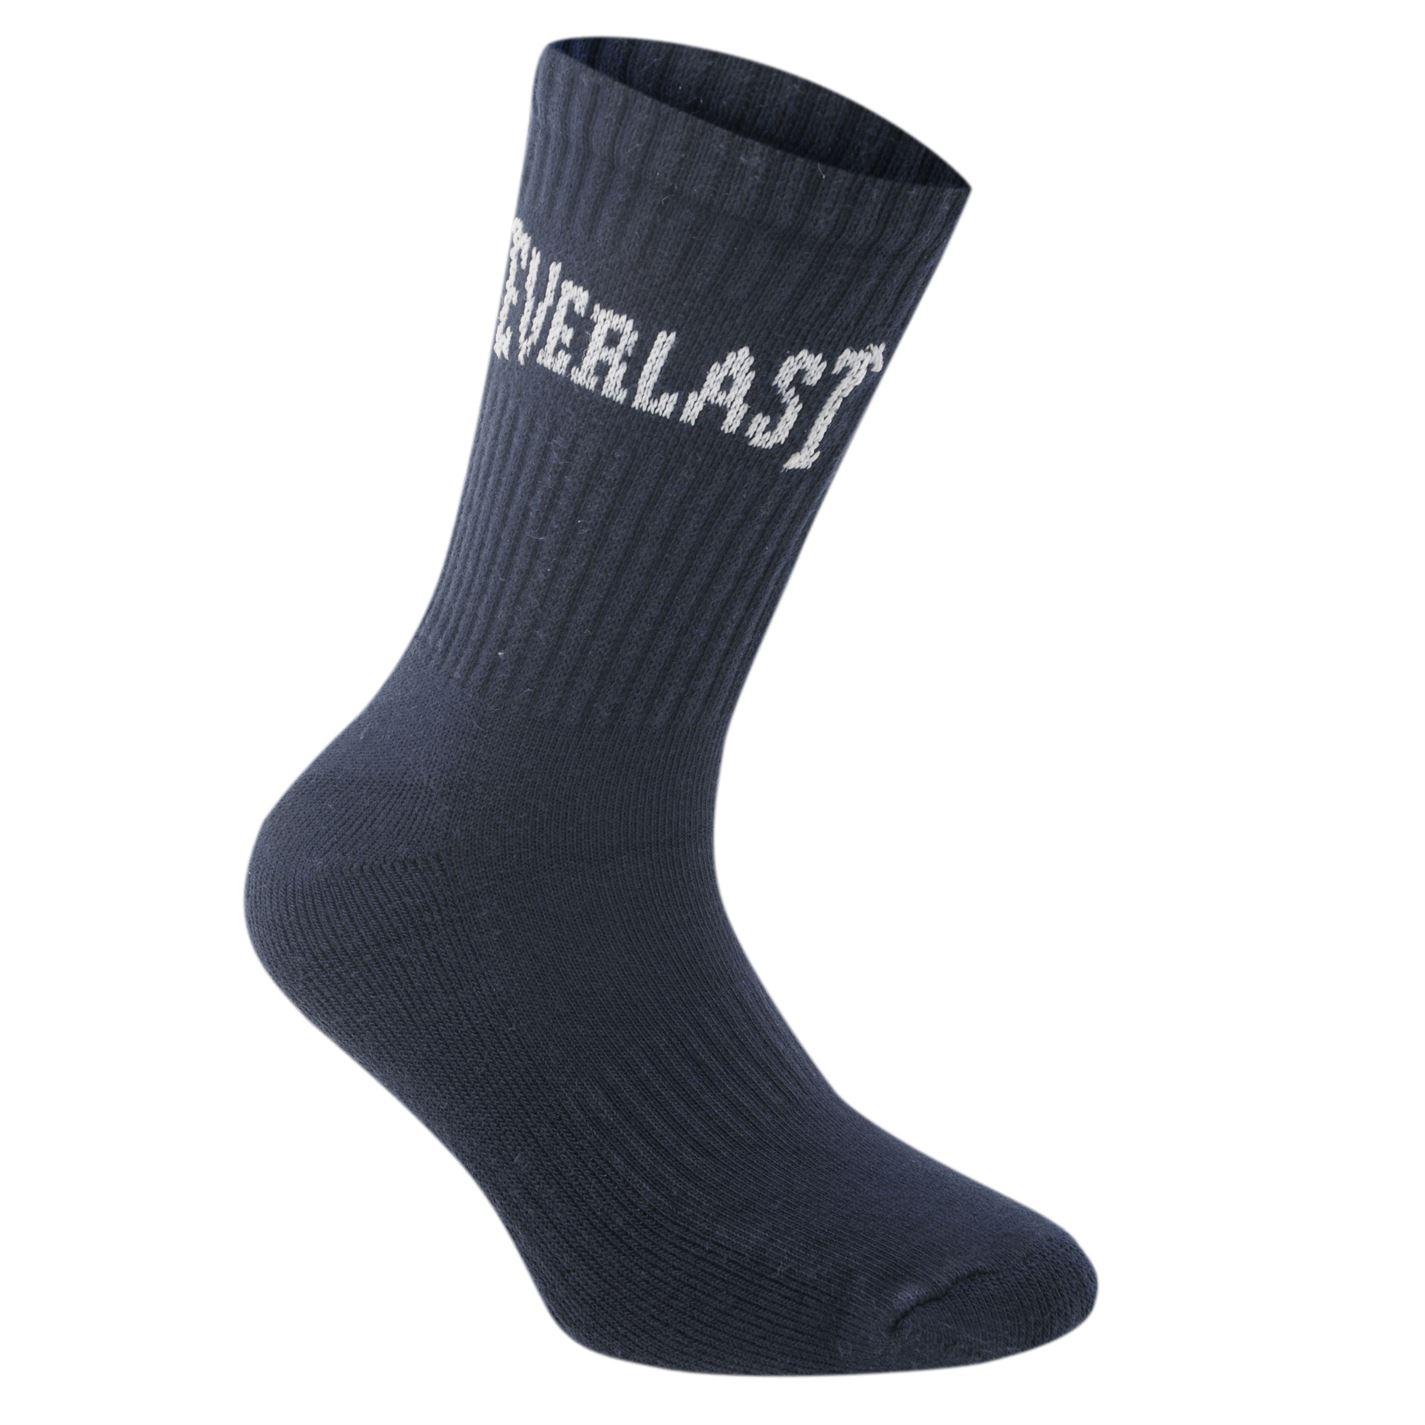 Everlast 3 Pack Crew Socks Ladies